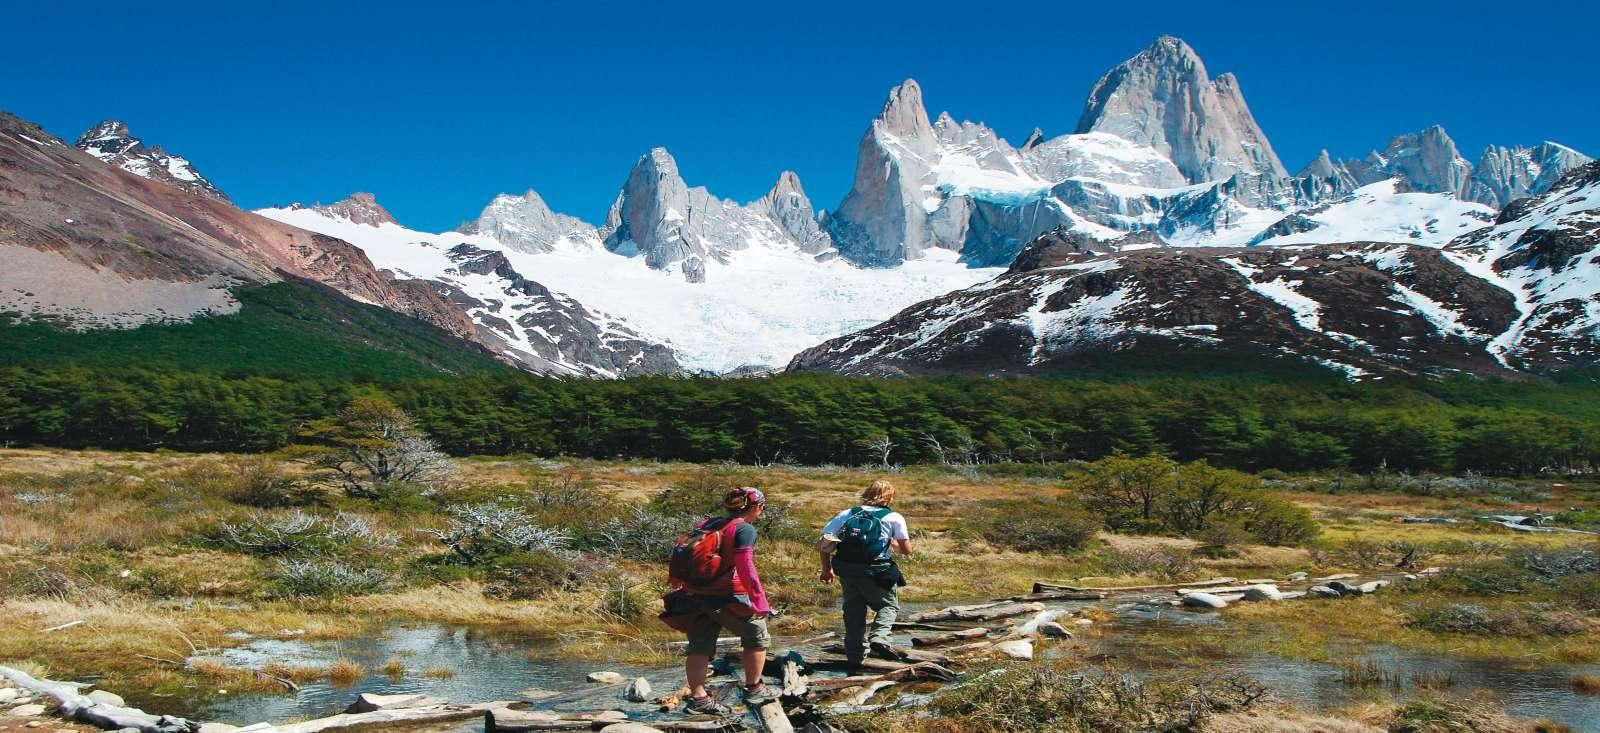 Voyage à pied Uruguay : Argentine & Uruguay, de Montévideo à Torres